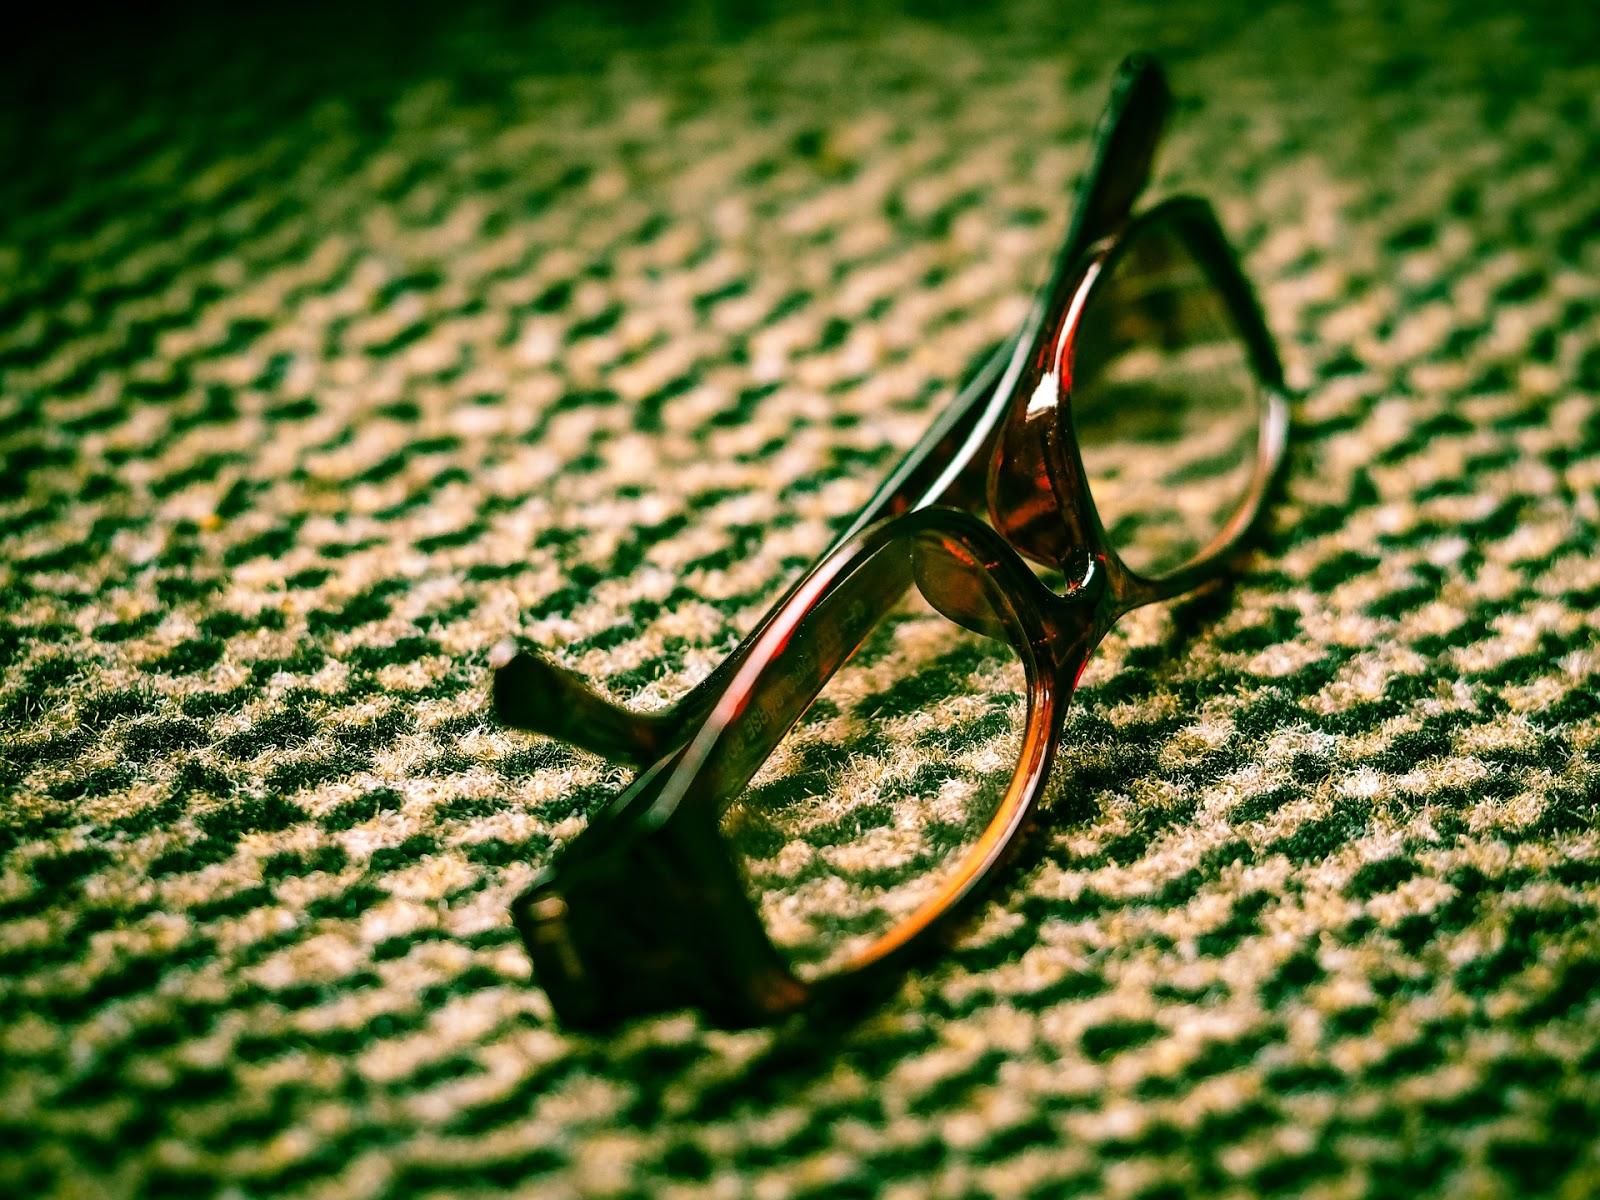 Door welke bril ziet de lezer het verhaal